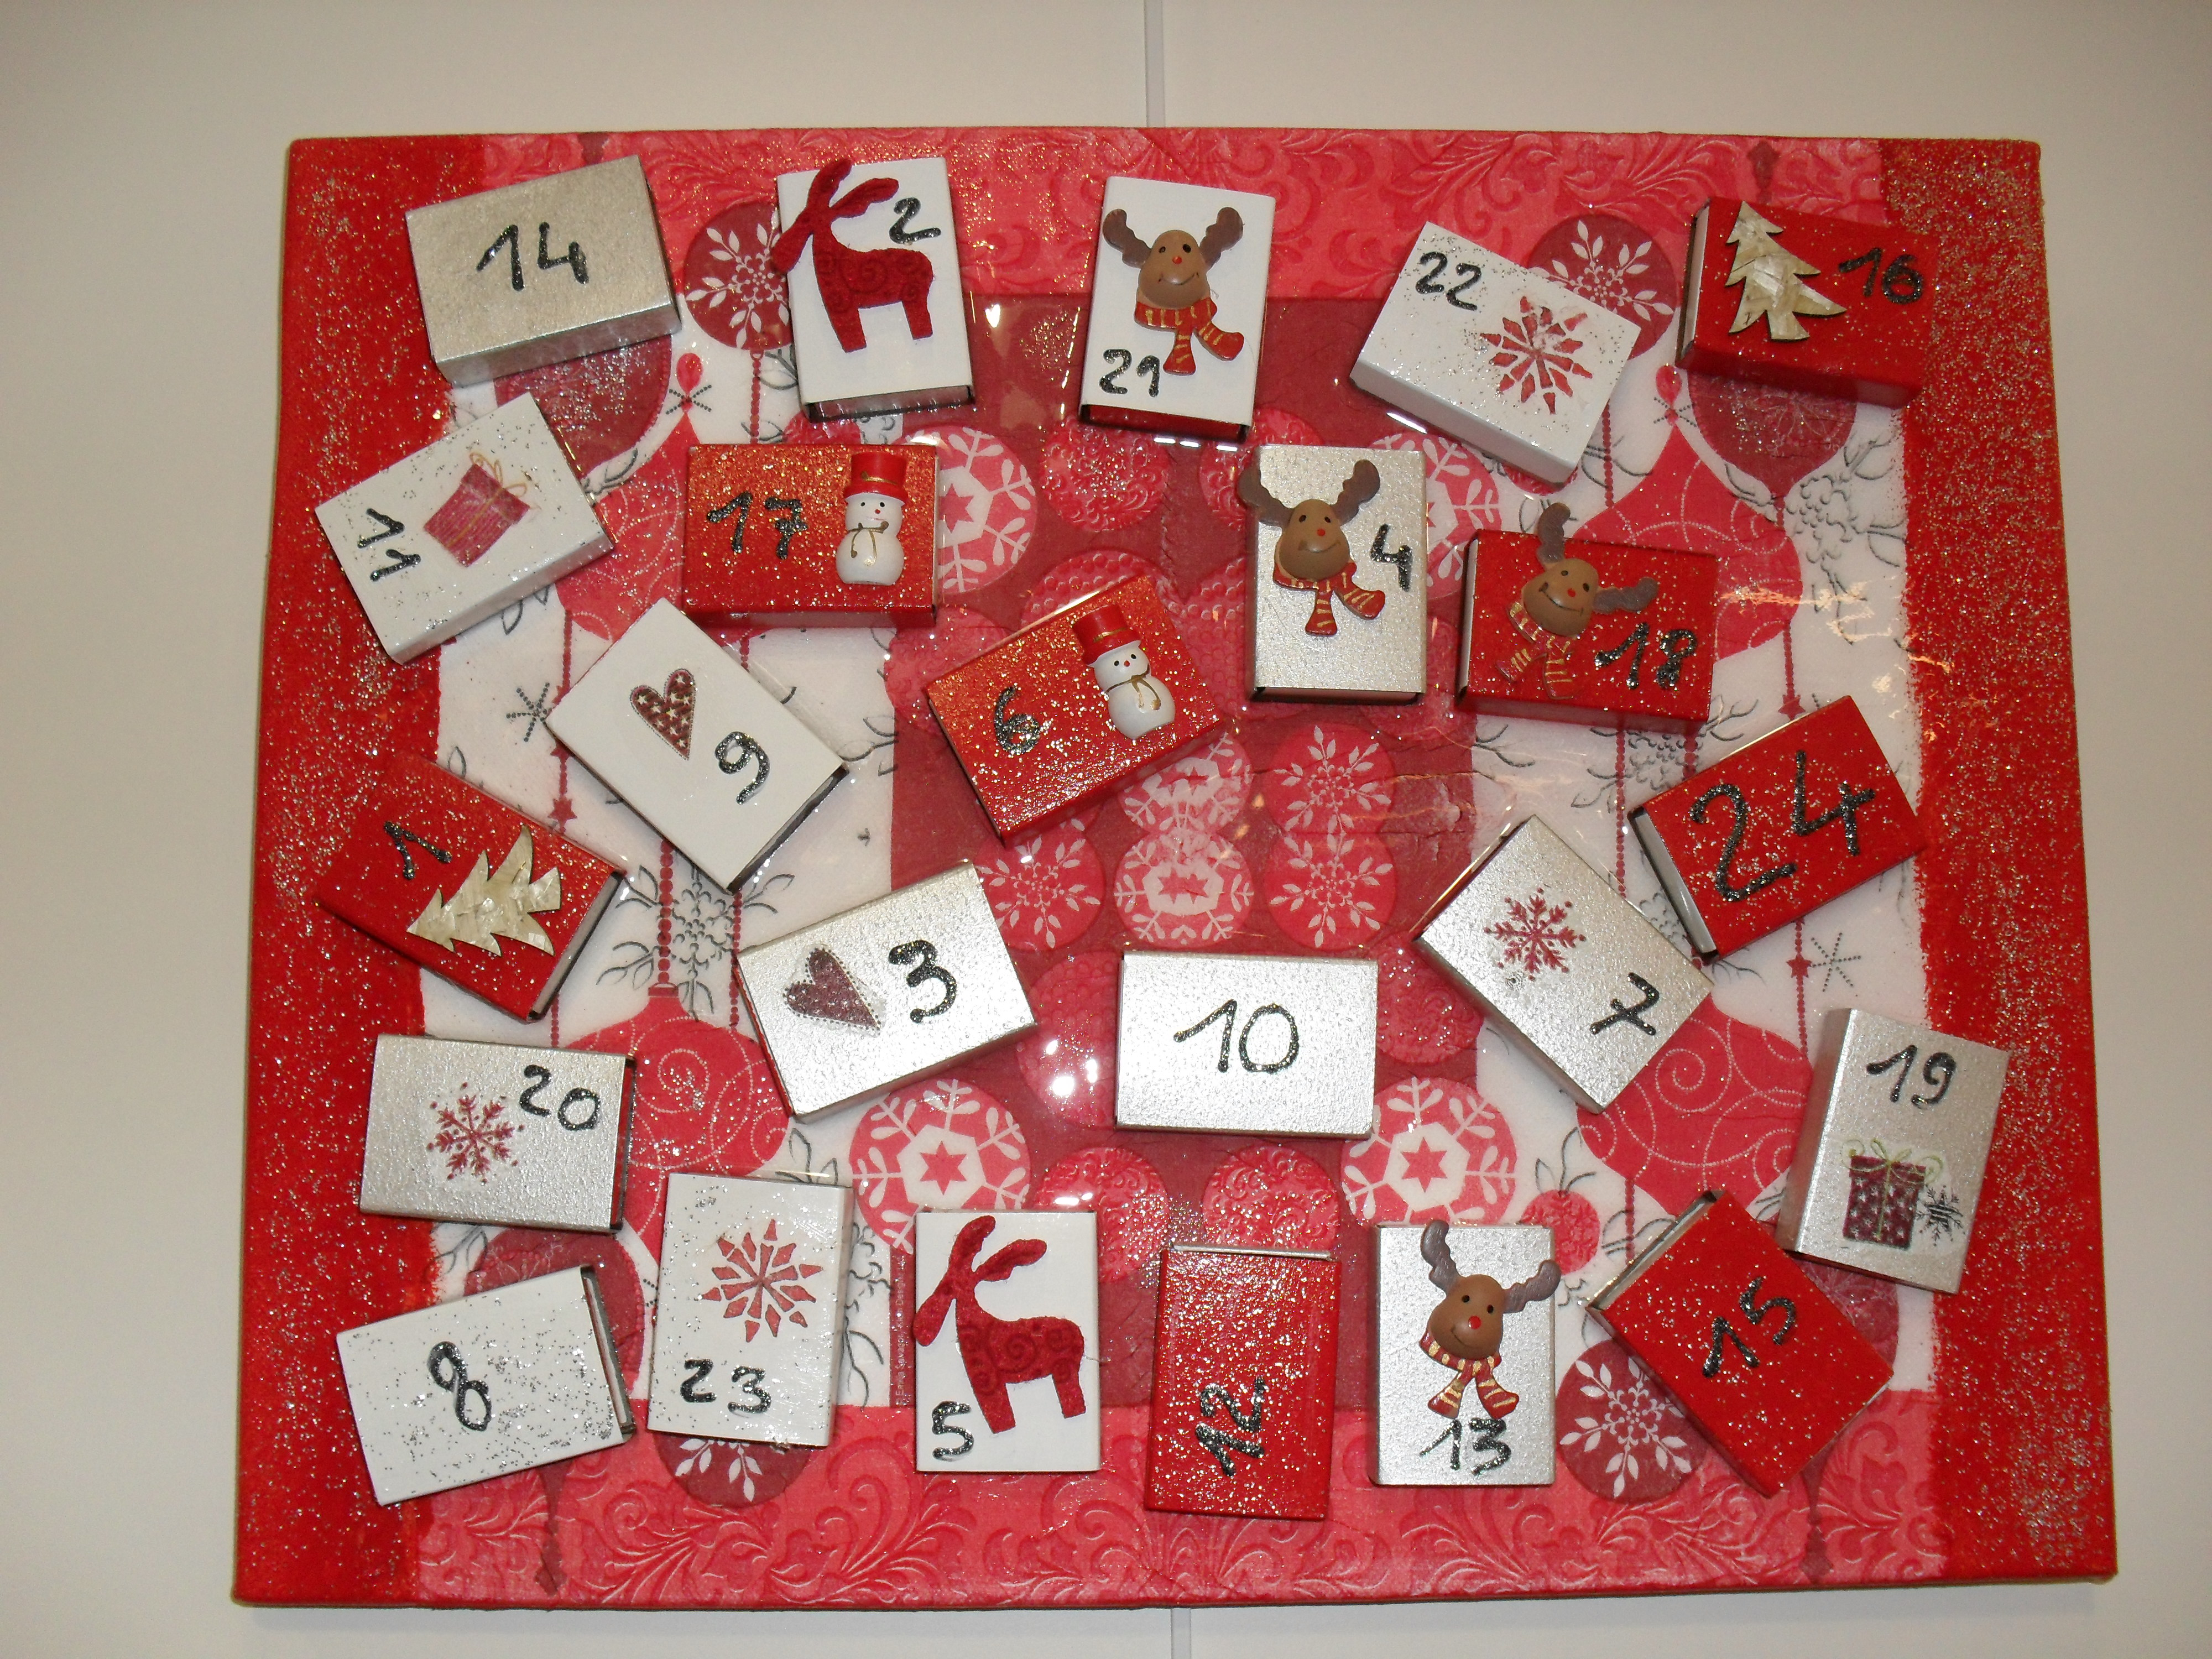 Calendario de Adviento hecho con cartulinas y otros materiales de papelería